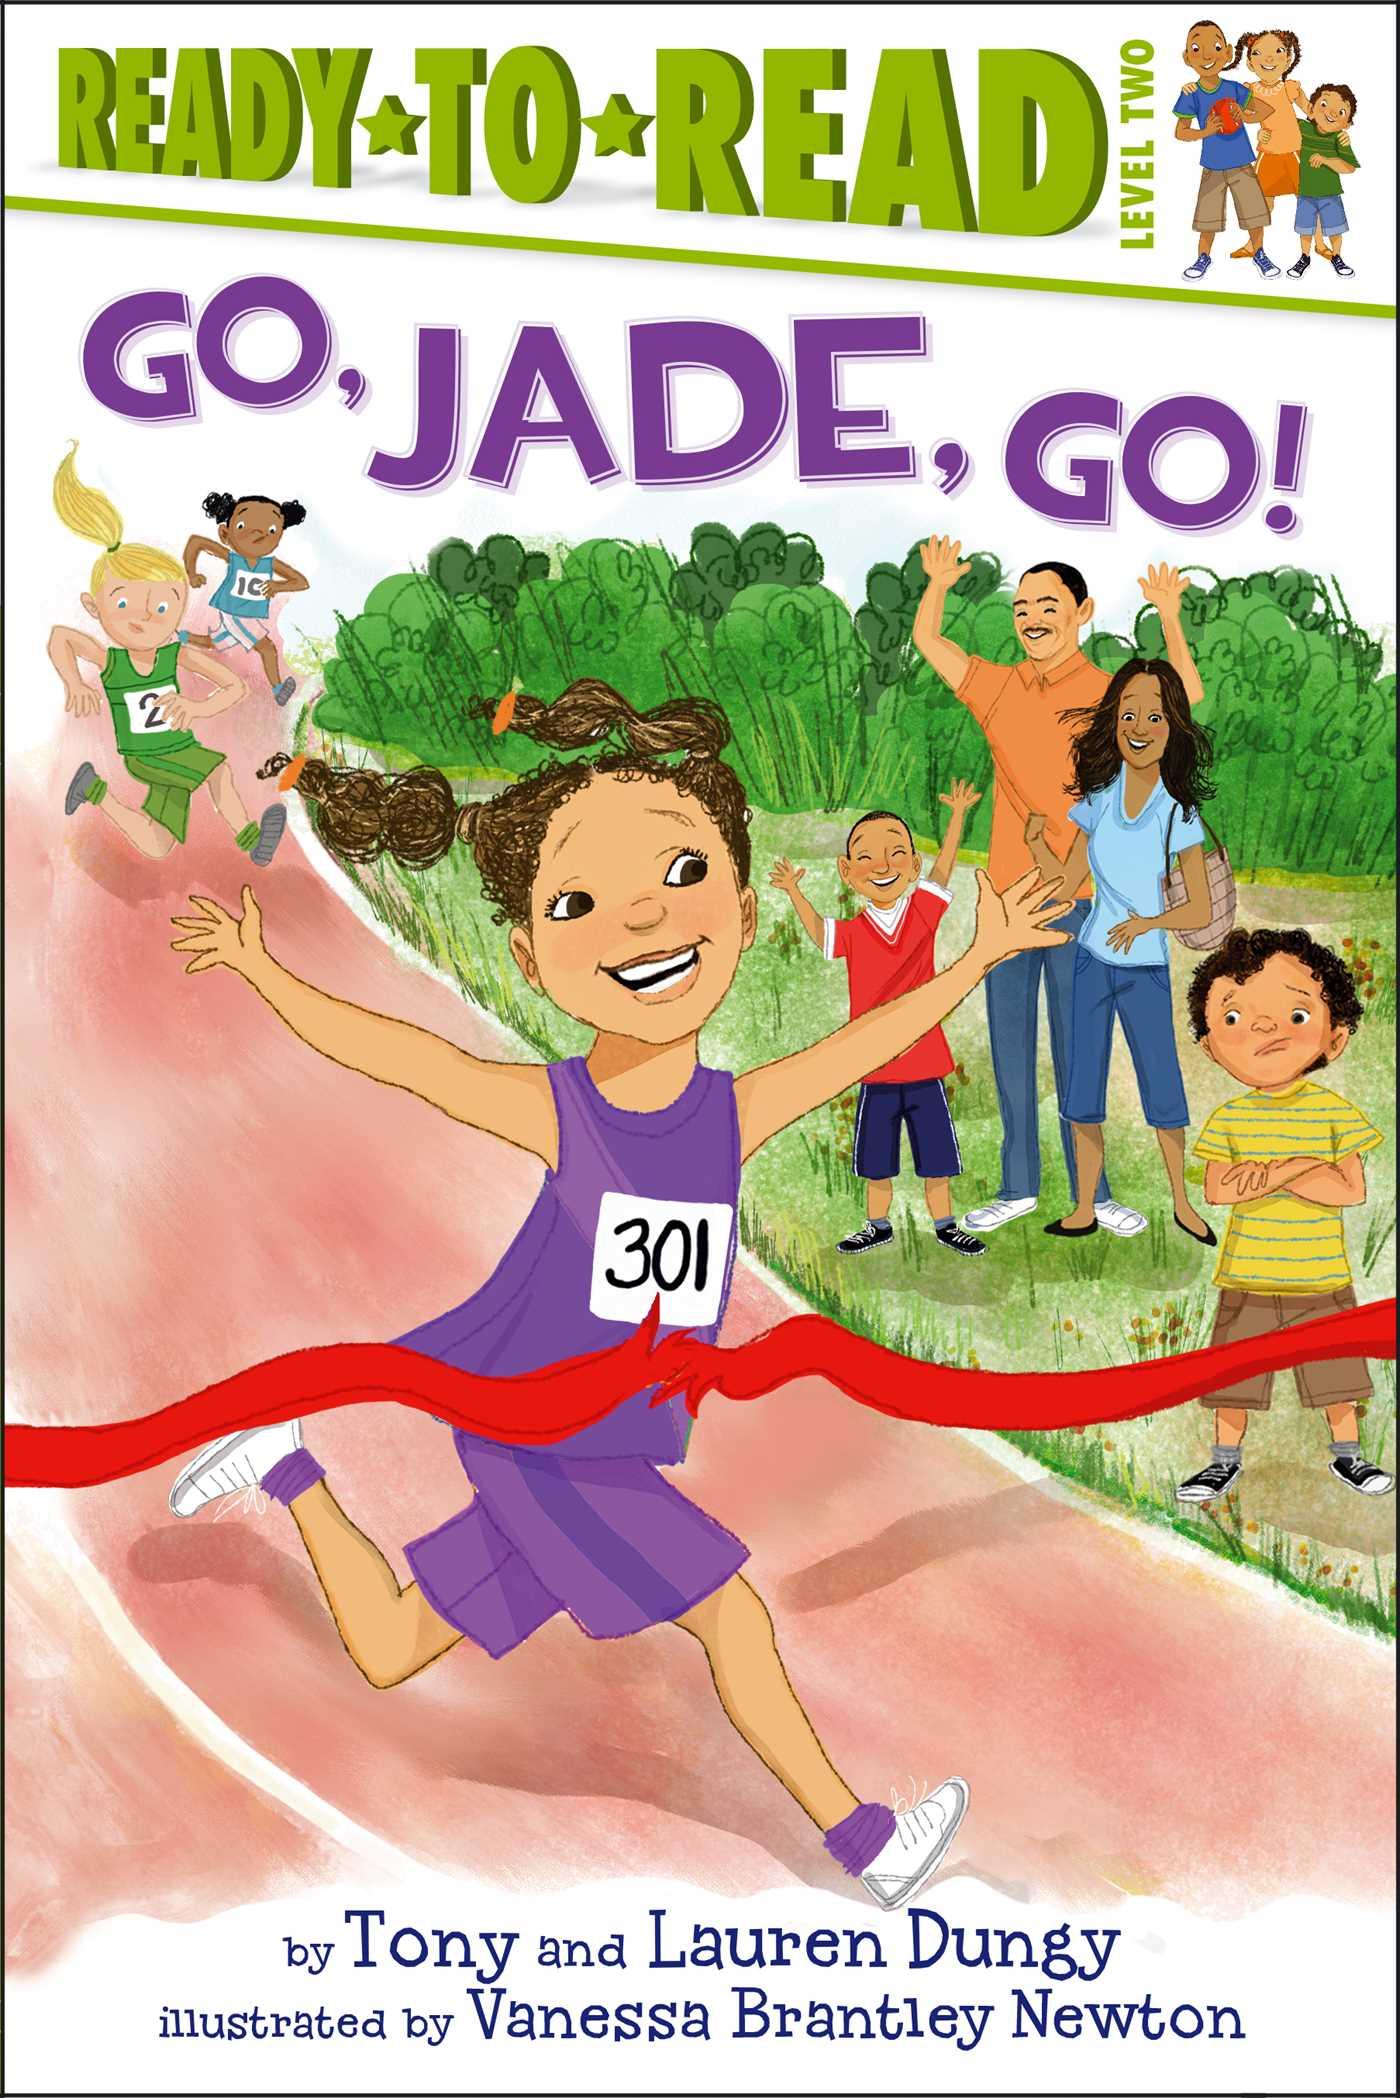 Go jade go! 9781442454668 hr